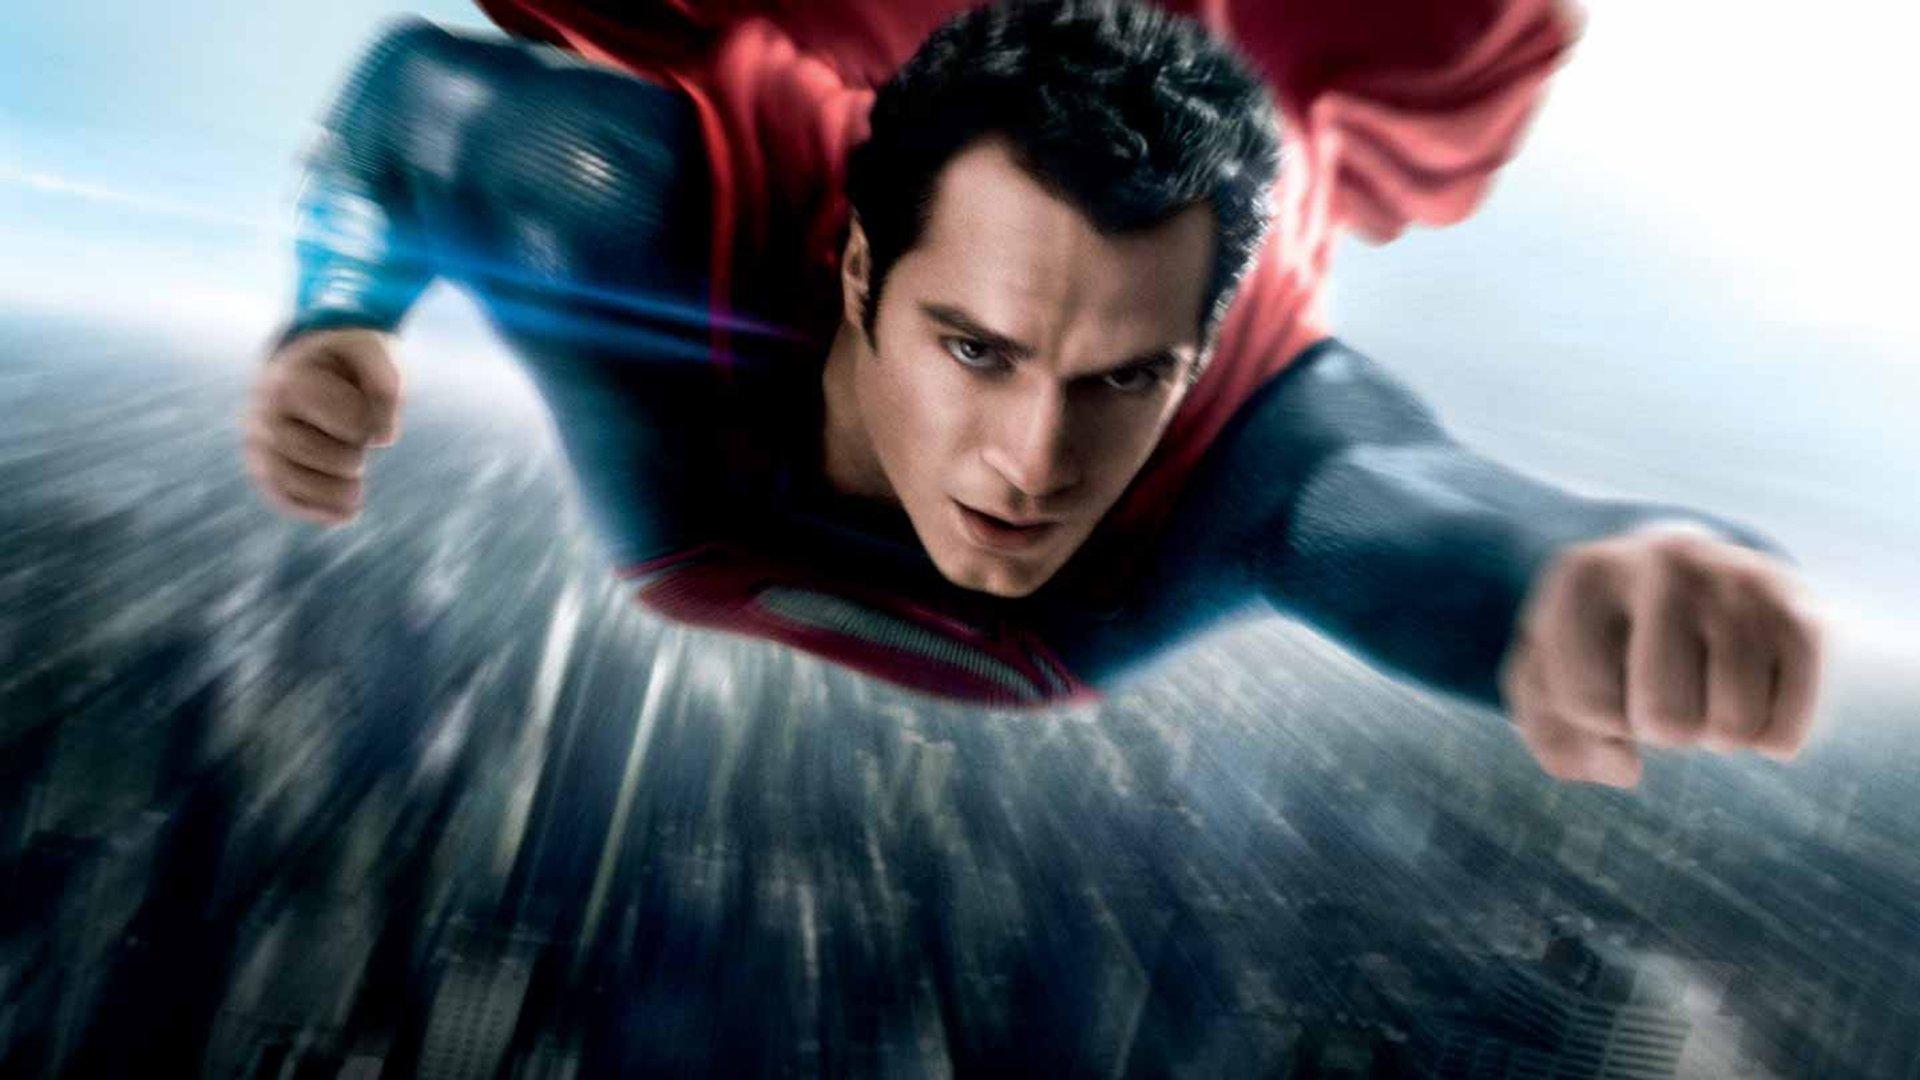 超人:團結力量大